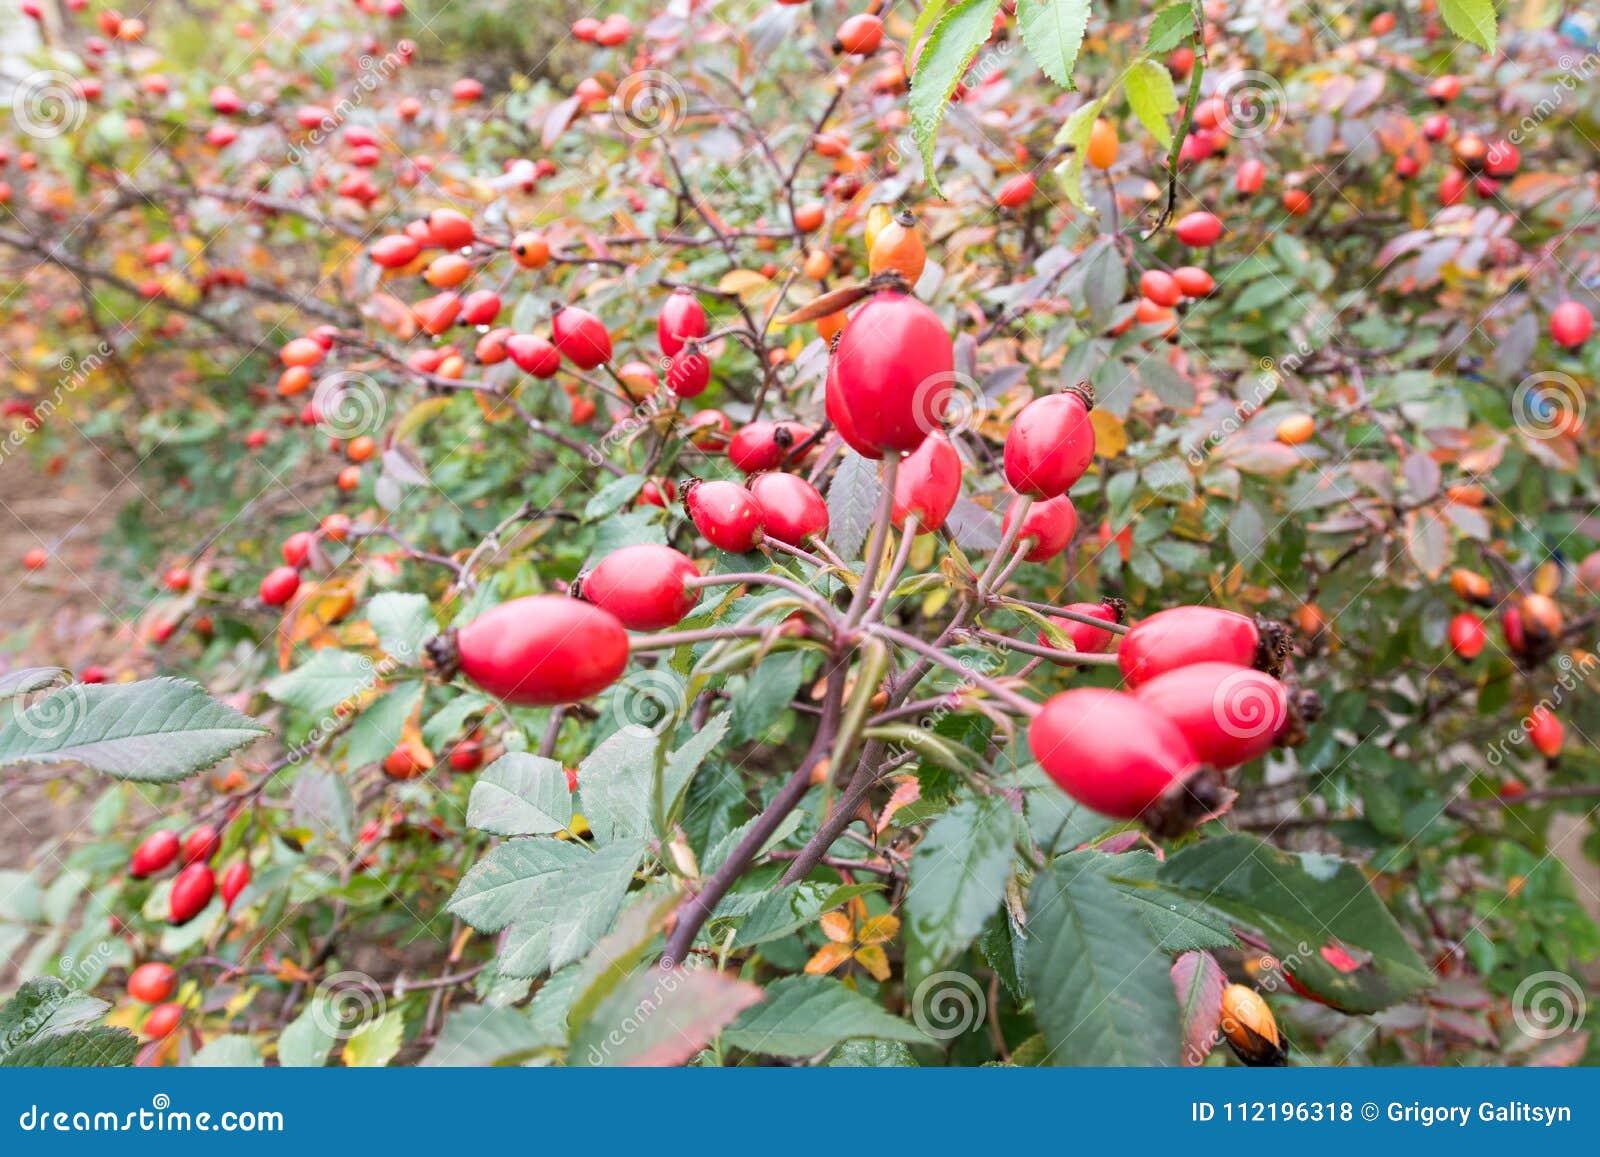 野蔷薇,野生玫瑰果灌木本质上,秋天,维生素